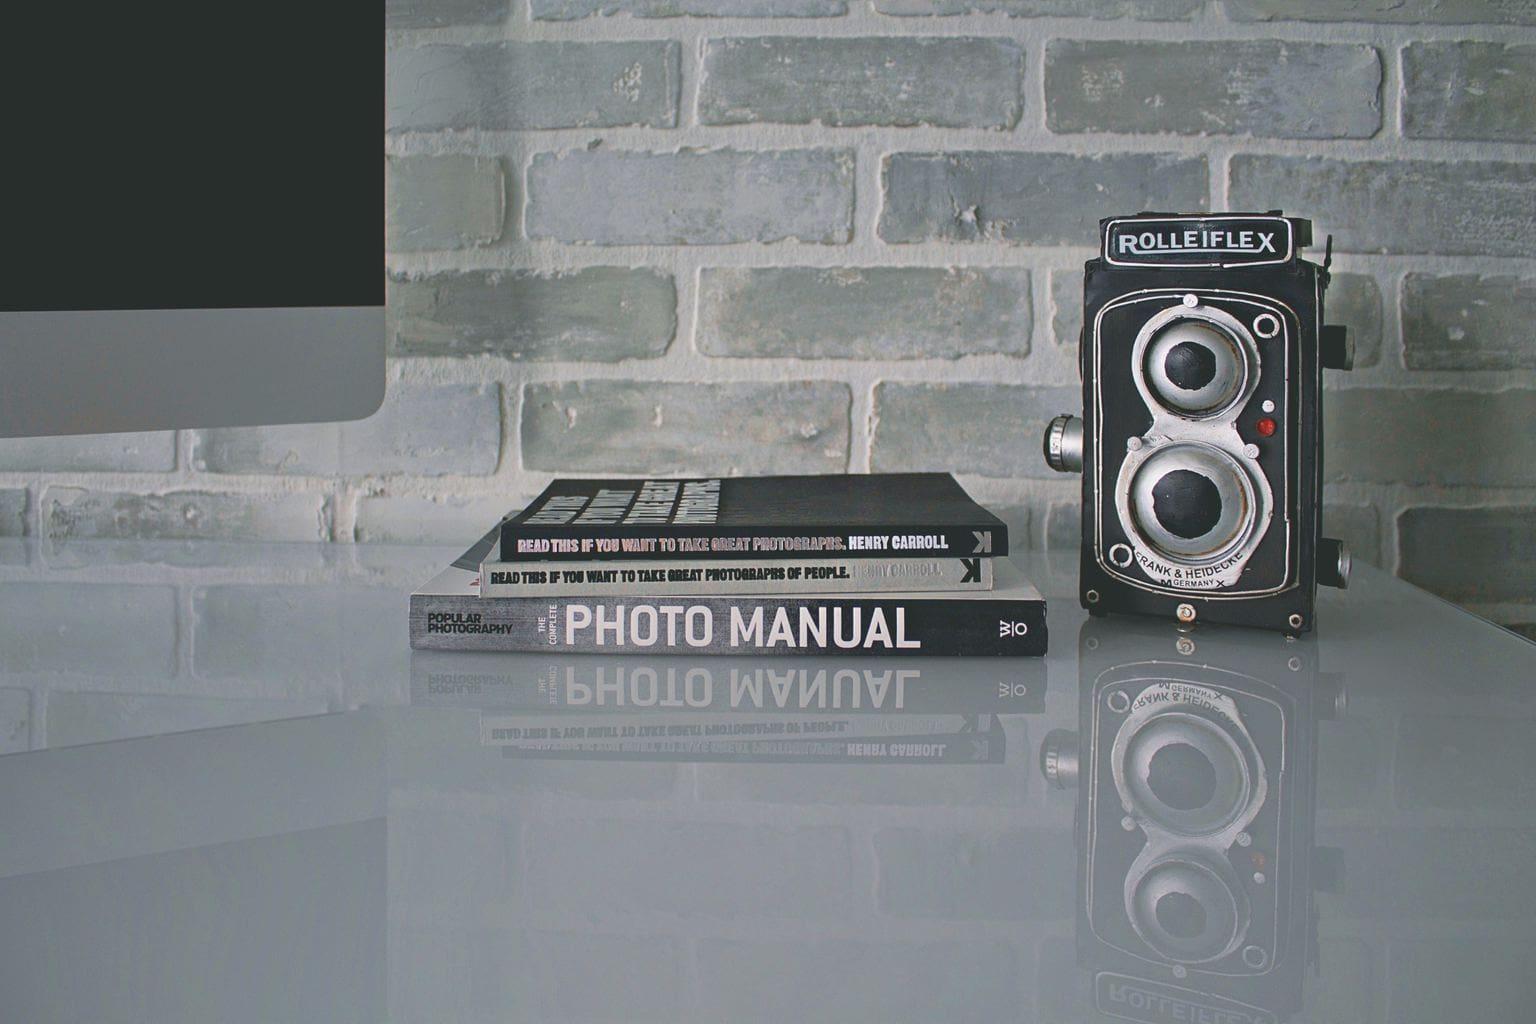 Libros de fotografía en una mesa